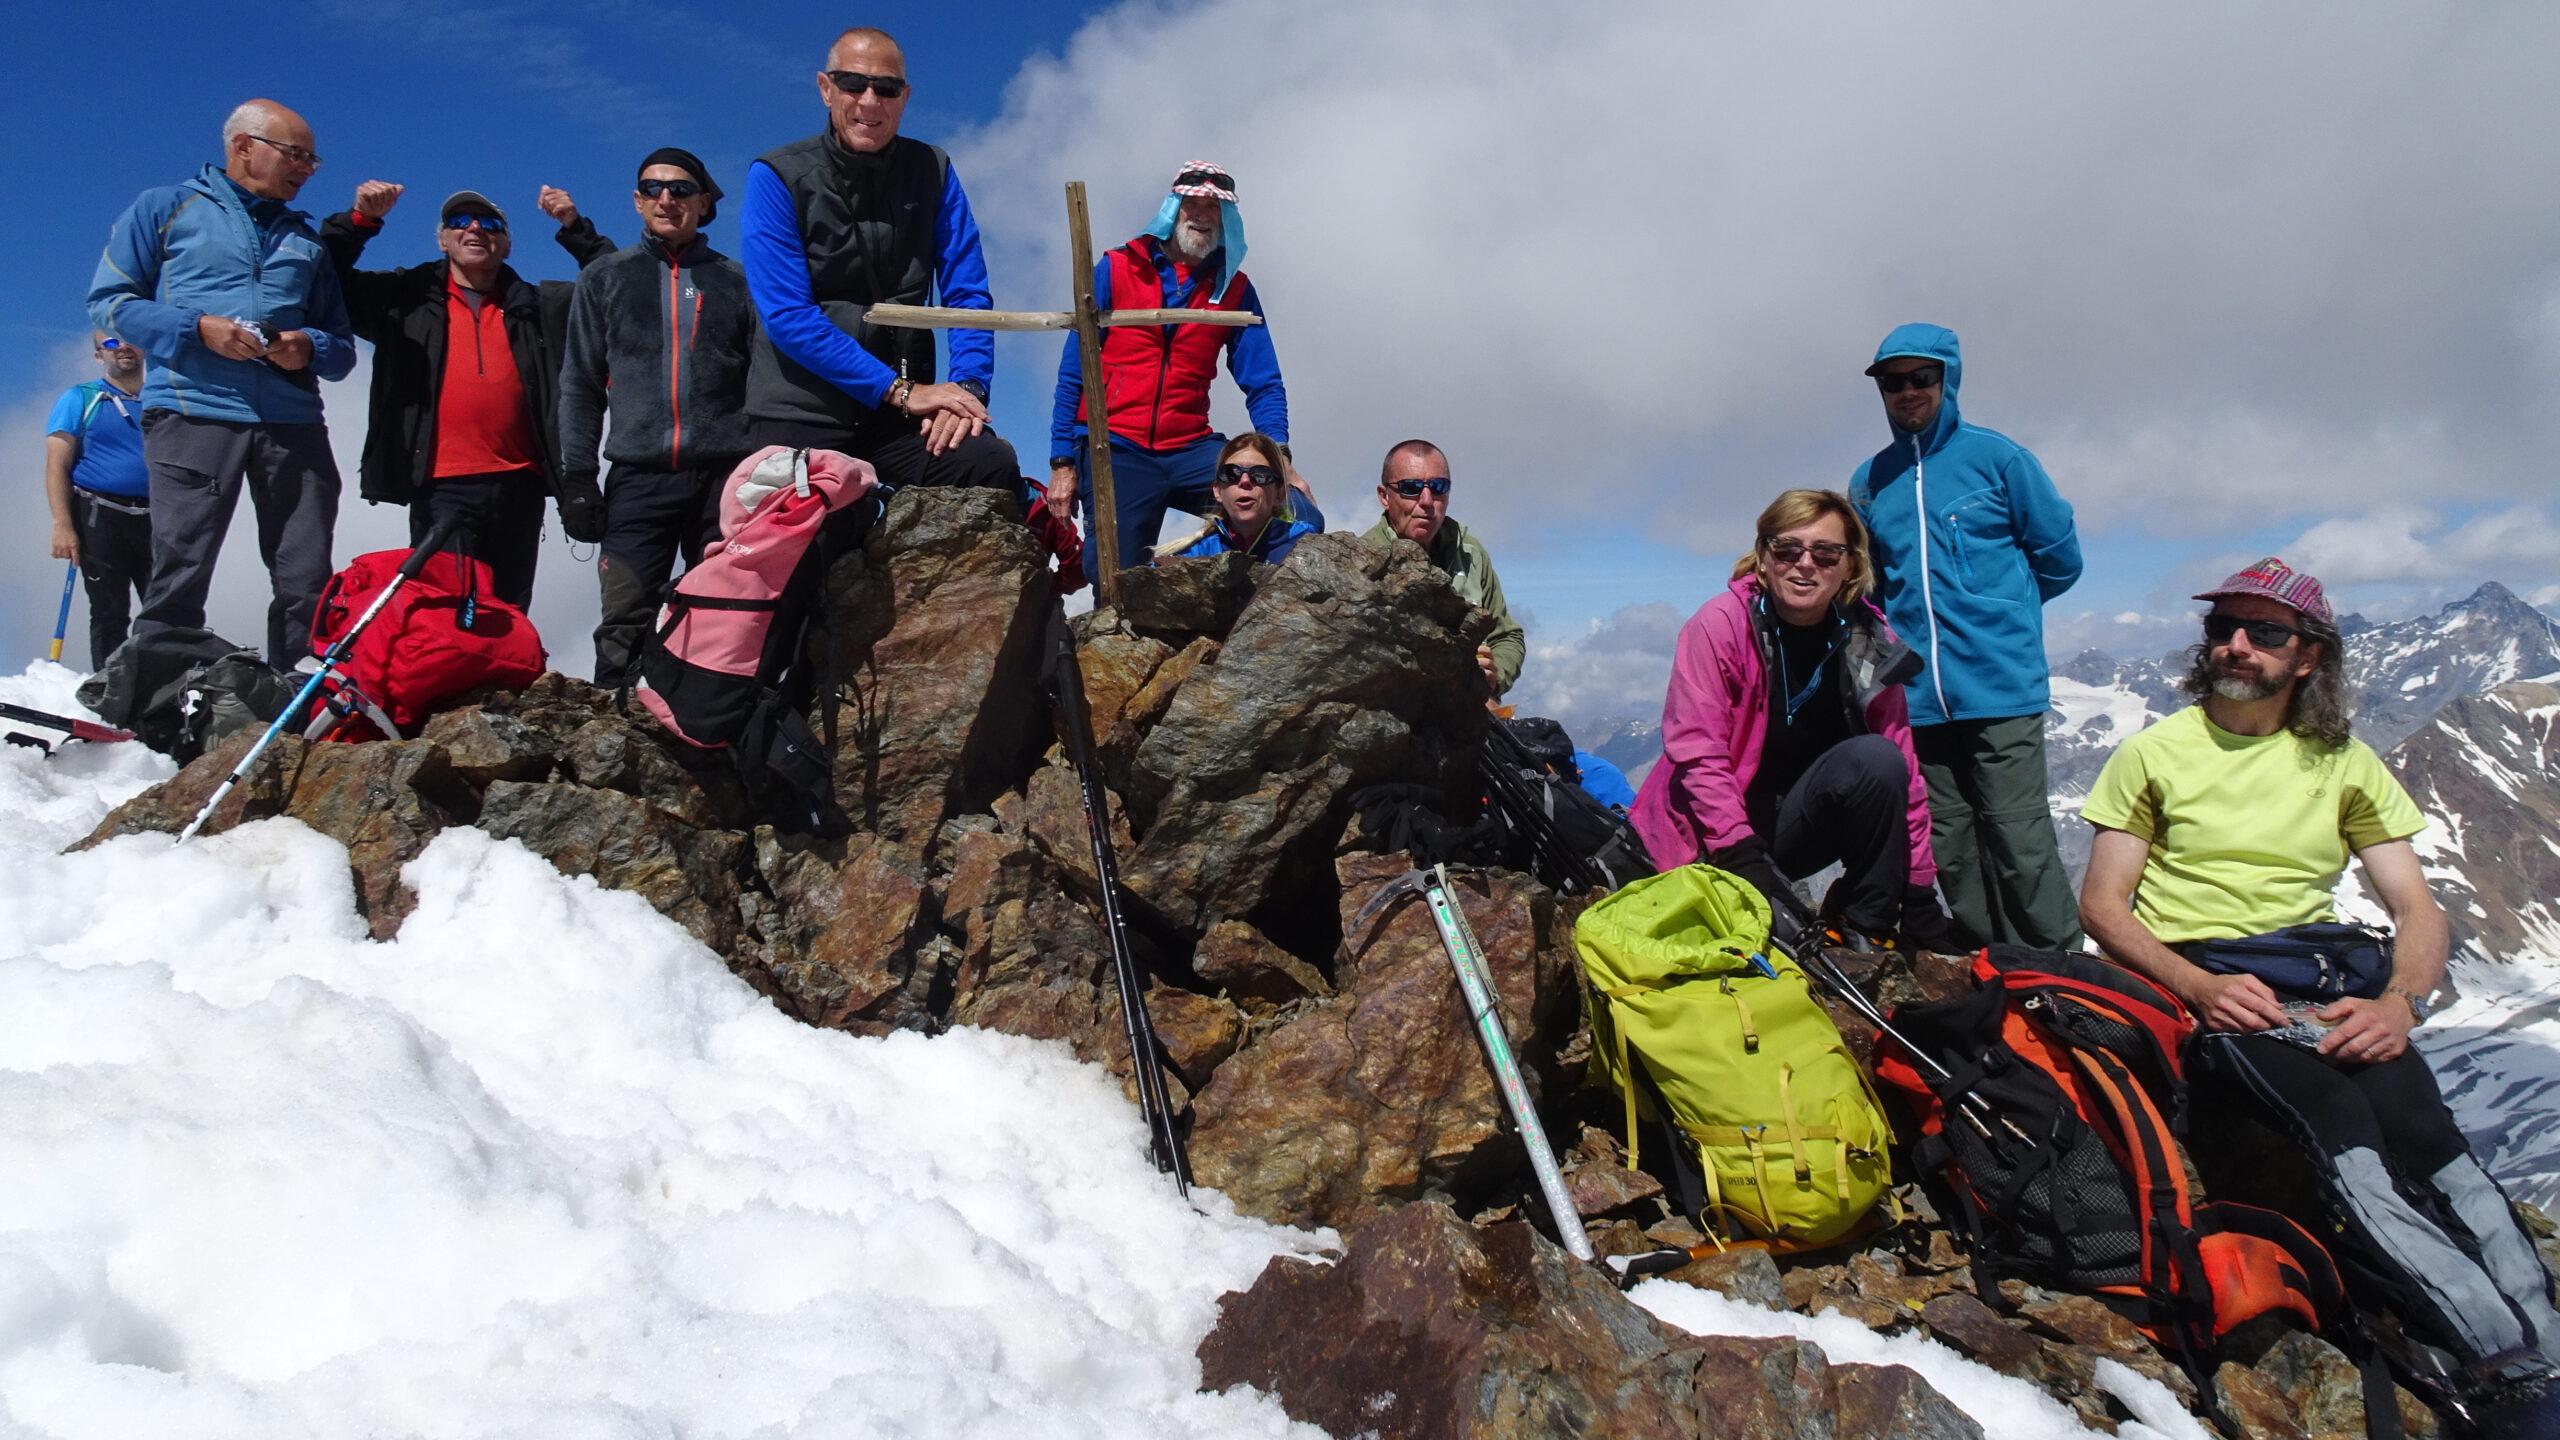 foto di gruppo in vetta al Monte Pasquale